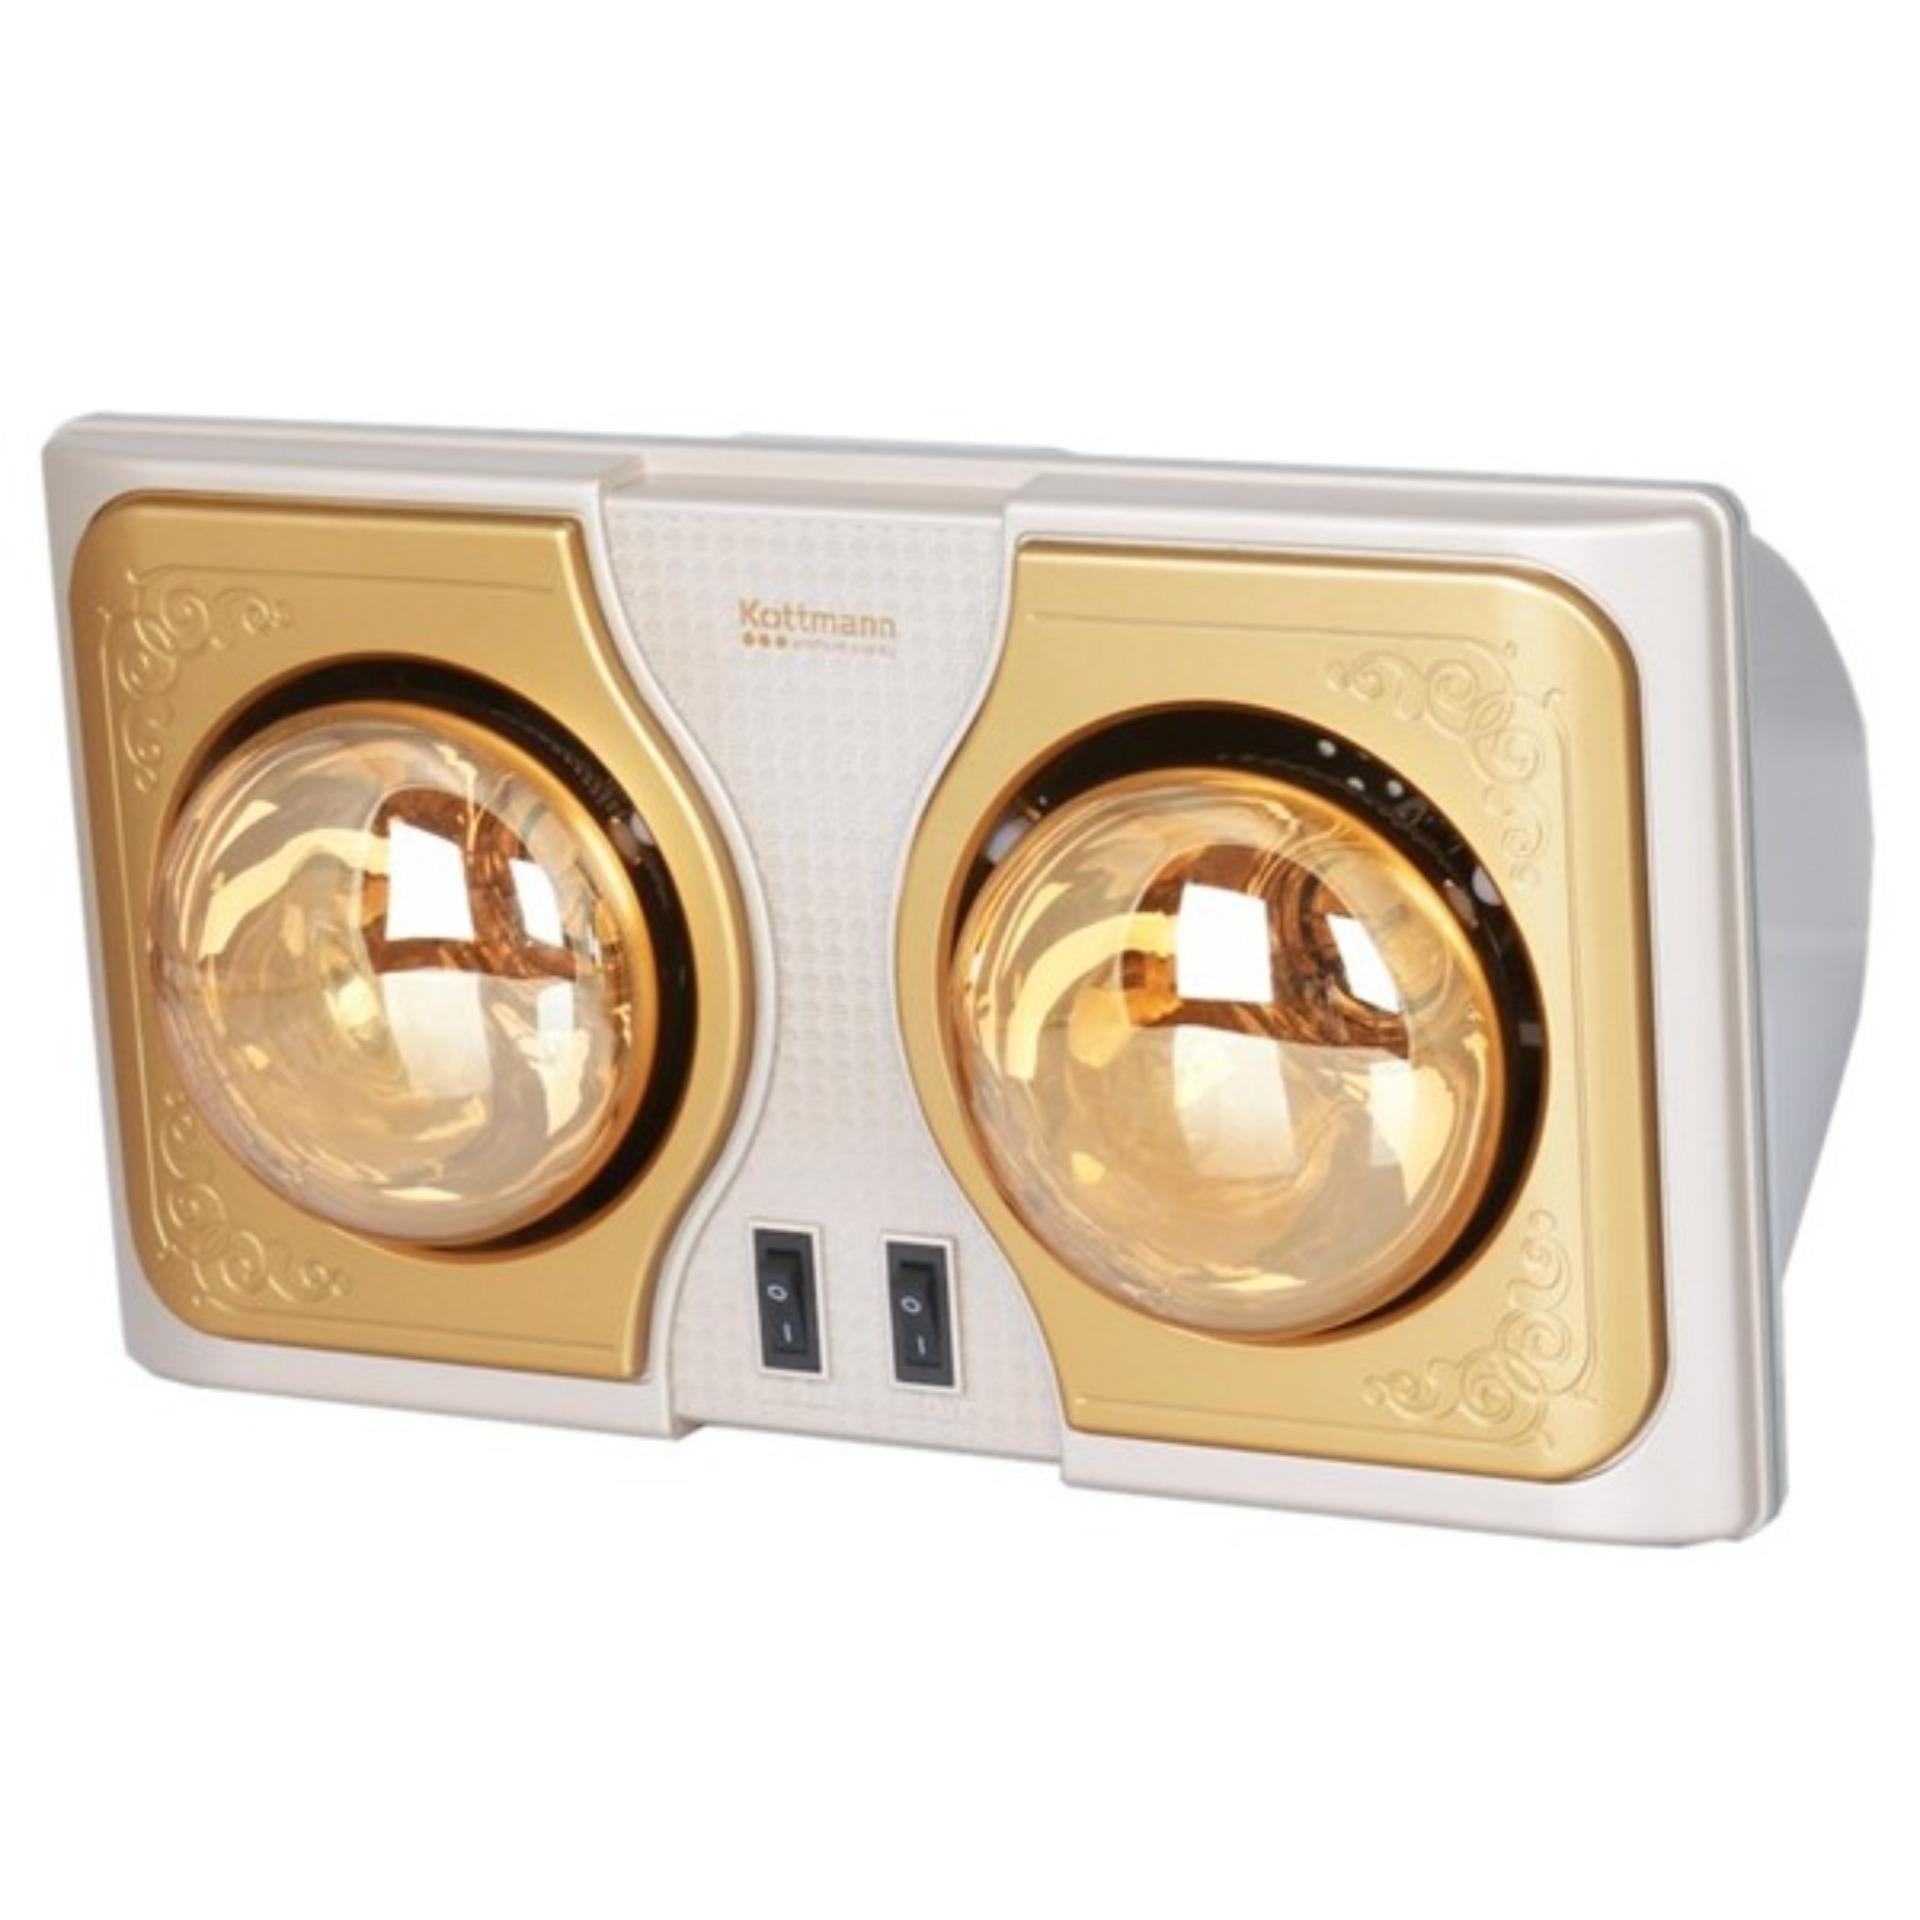 Đèn sưởi nhà tắm 2 bóng Kottman (Bảo hành 2 năm)